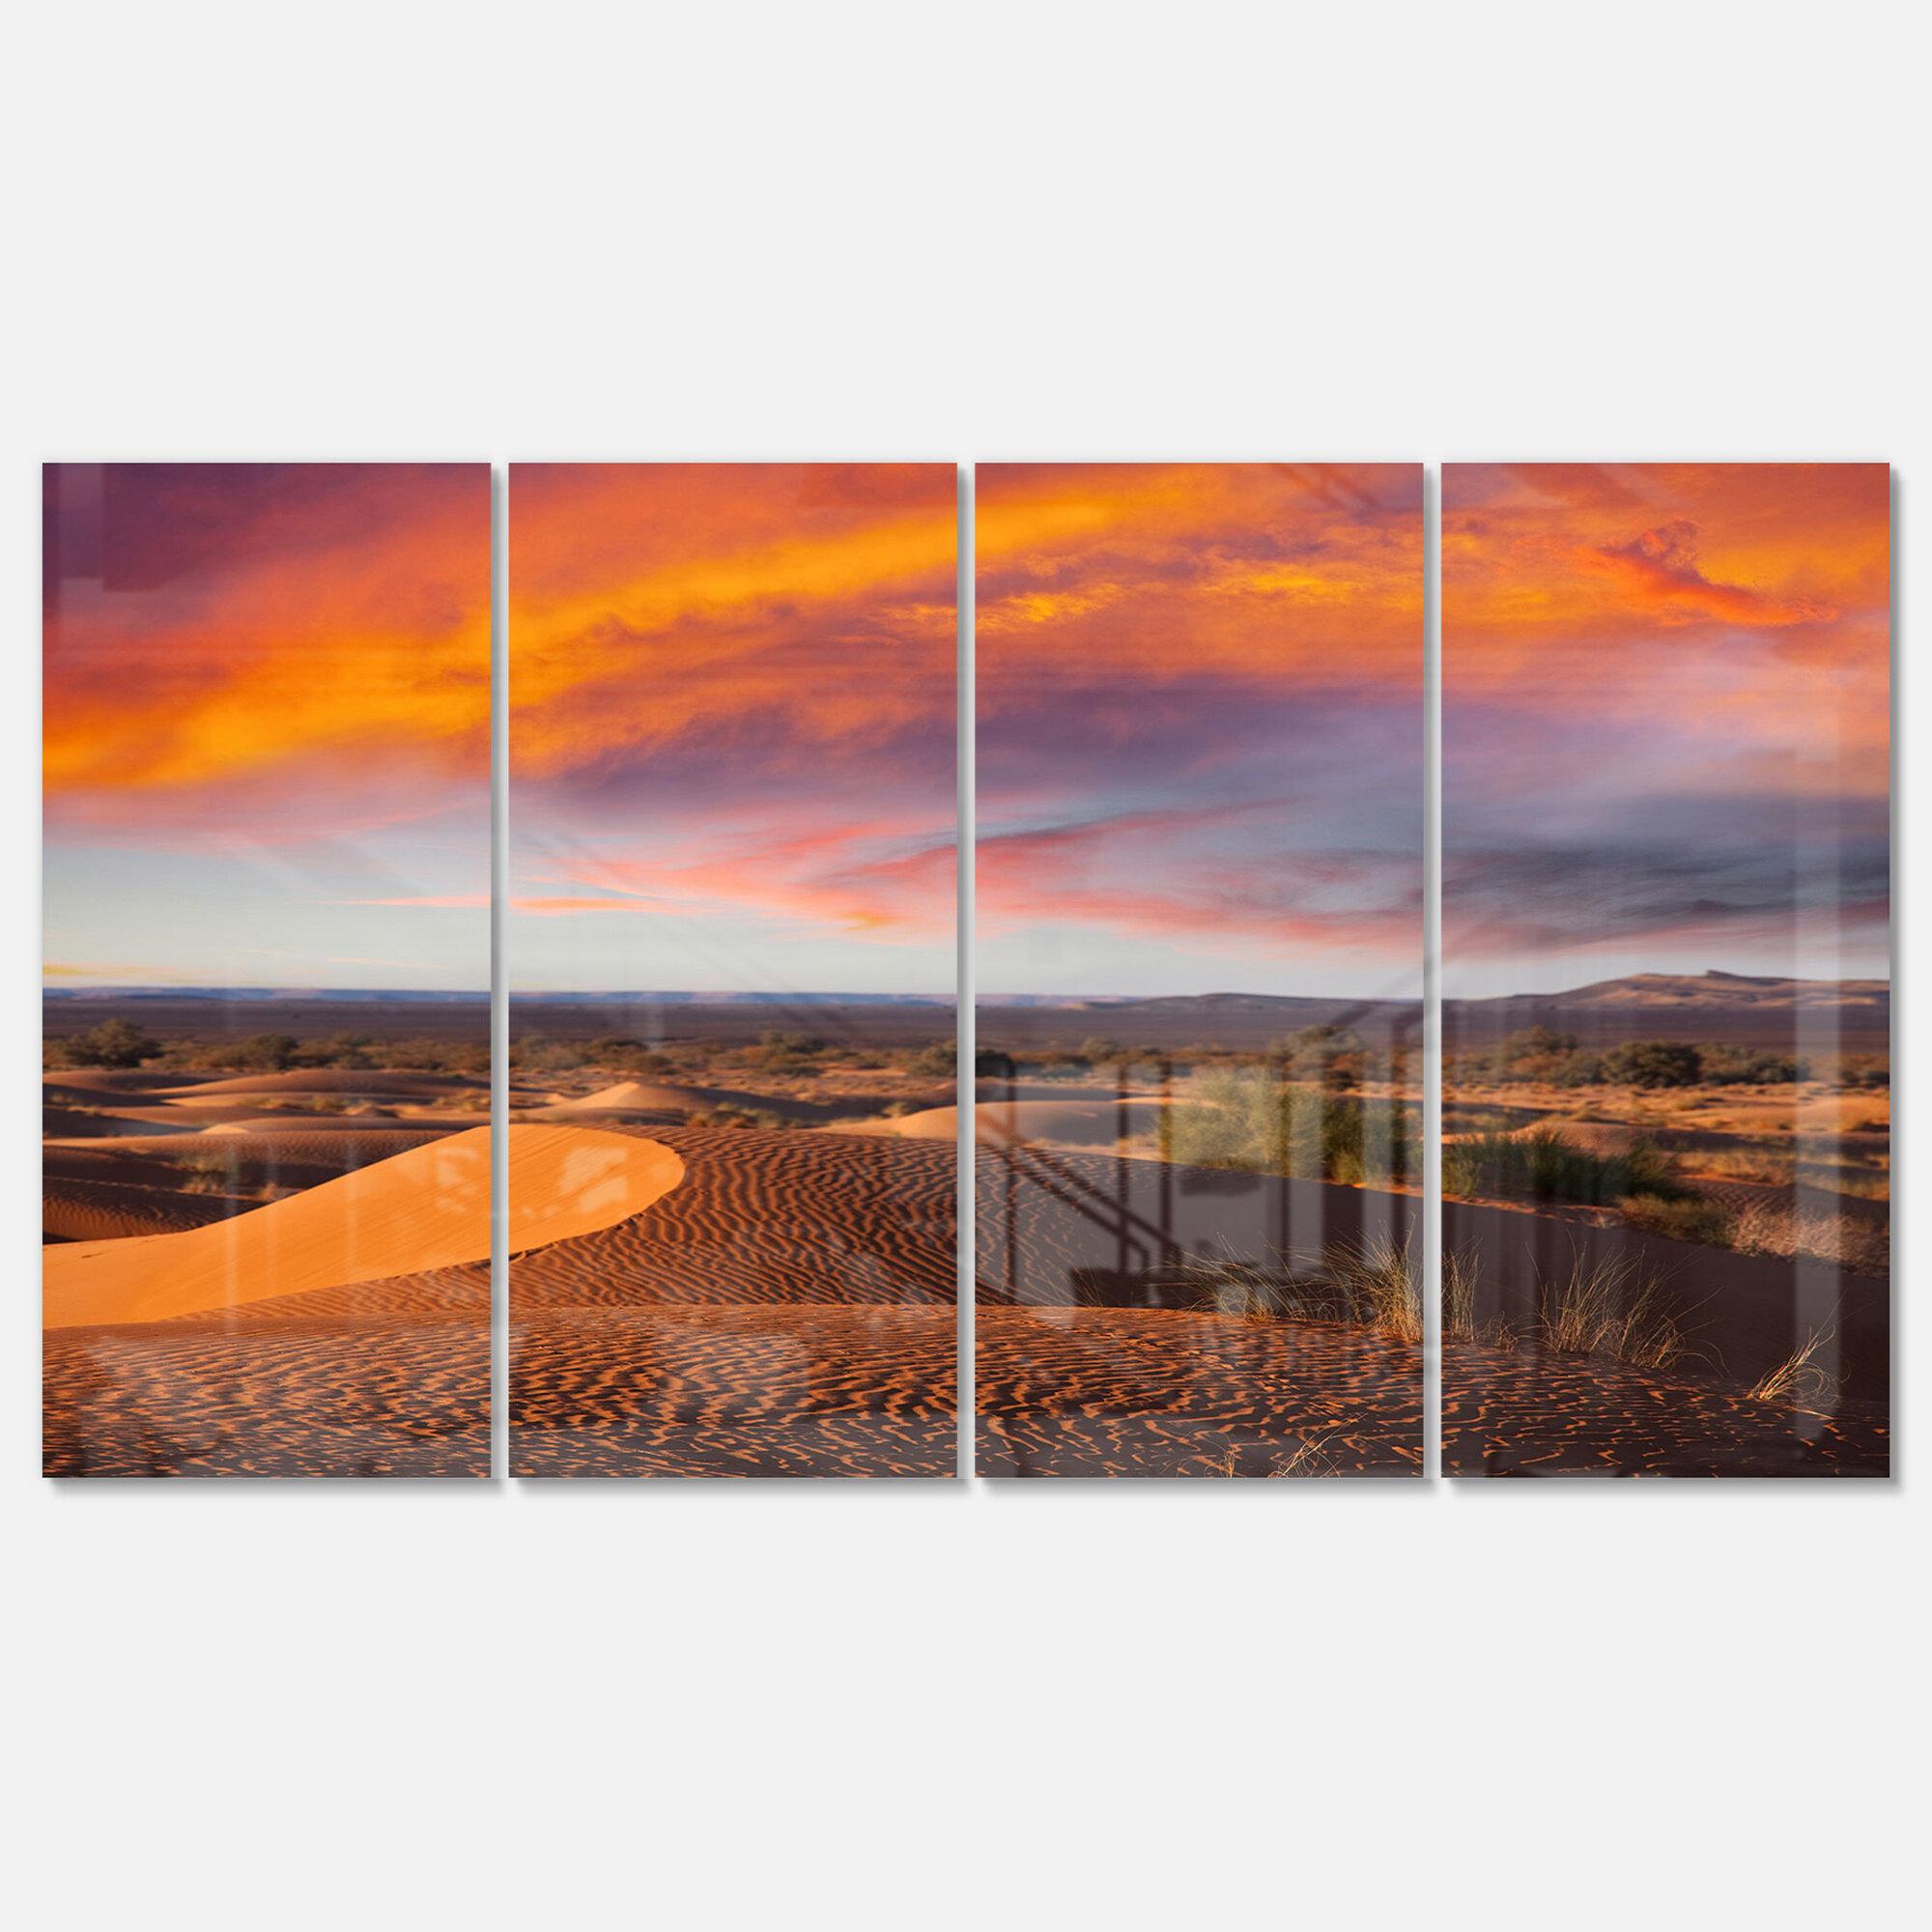 Designart Sahara Dunes Under Colorful Sky 4 Piece Photographic Print On Metal Set Wayfair